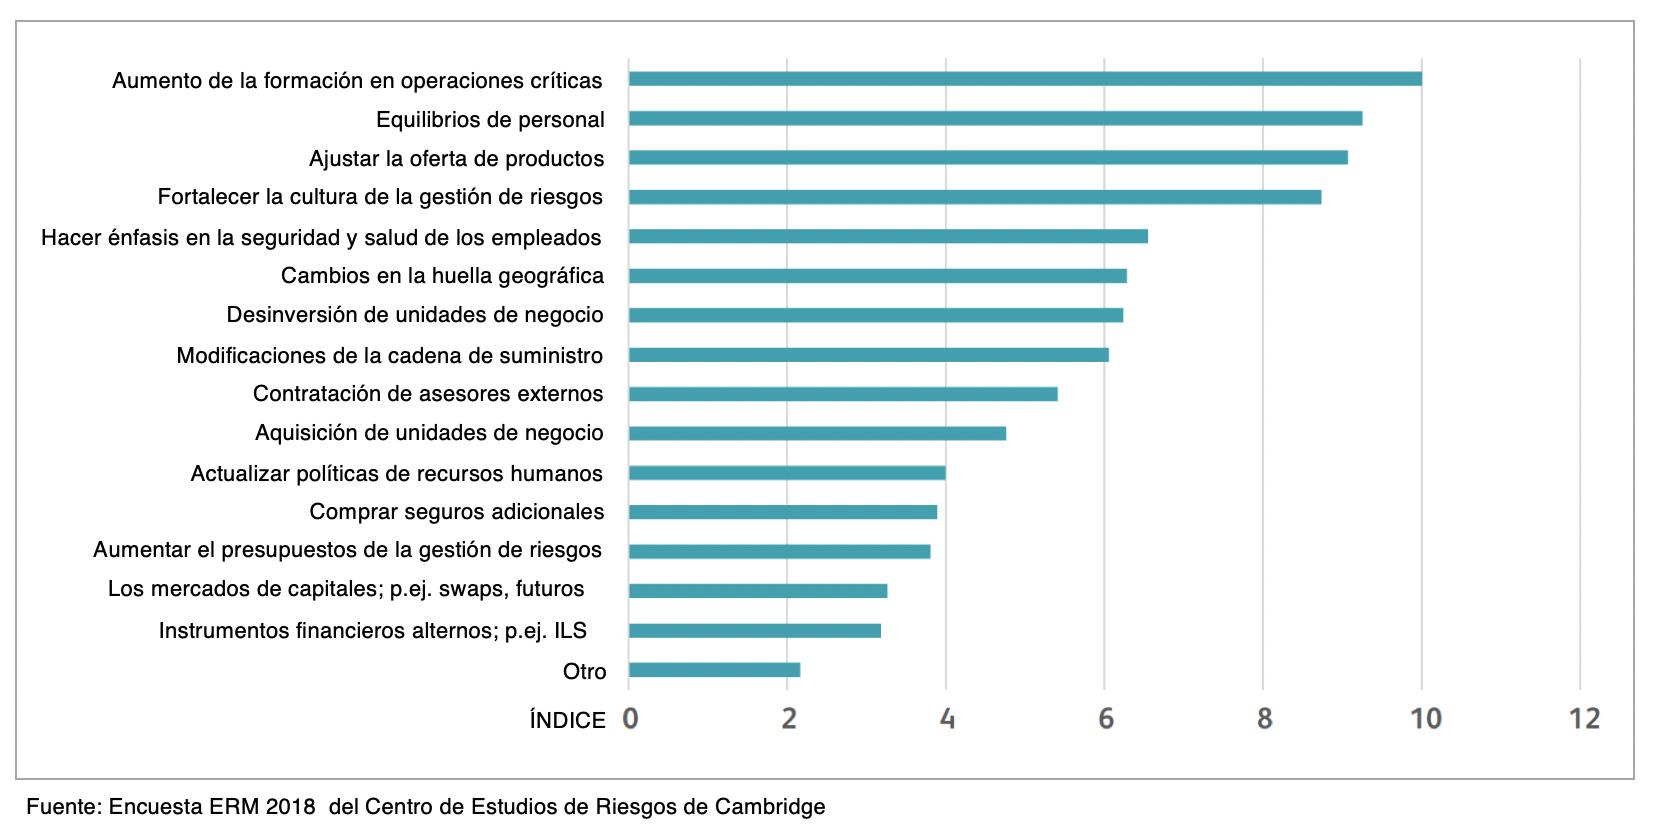 Top estrategias para gestionar riesgos - gráfica 3-1